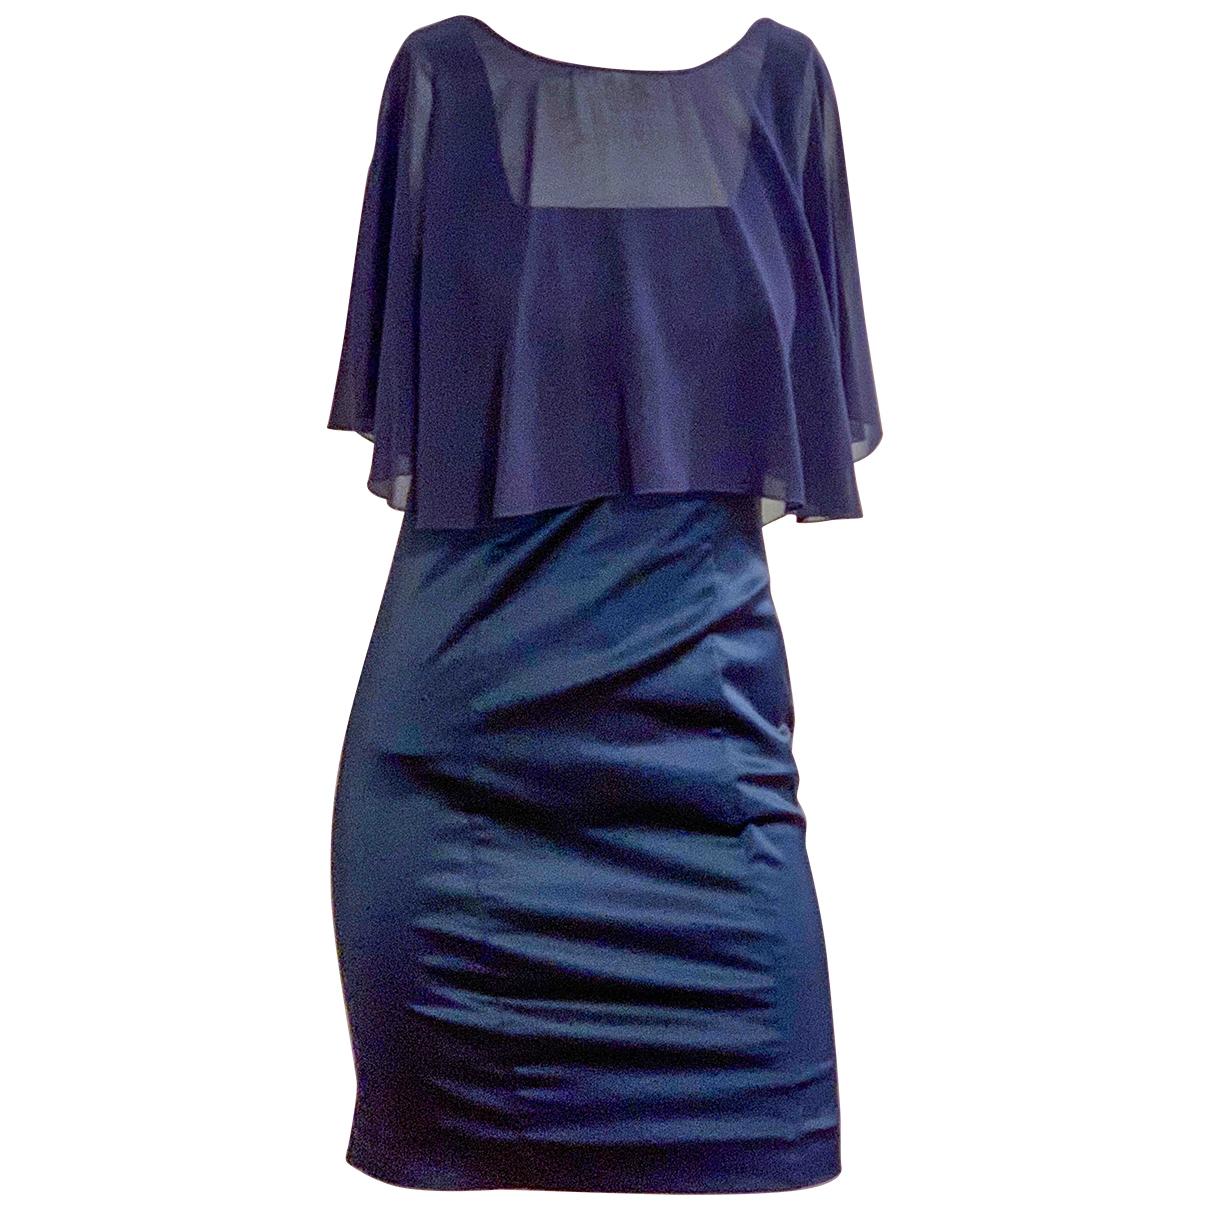 Max & Co \N Kleid in  Blau Baumwolle - Elasthan